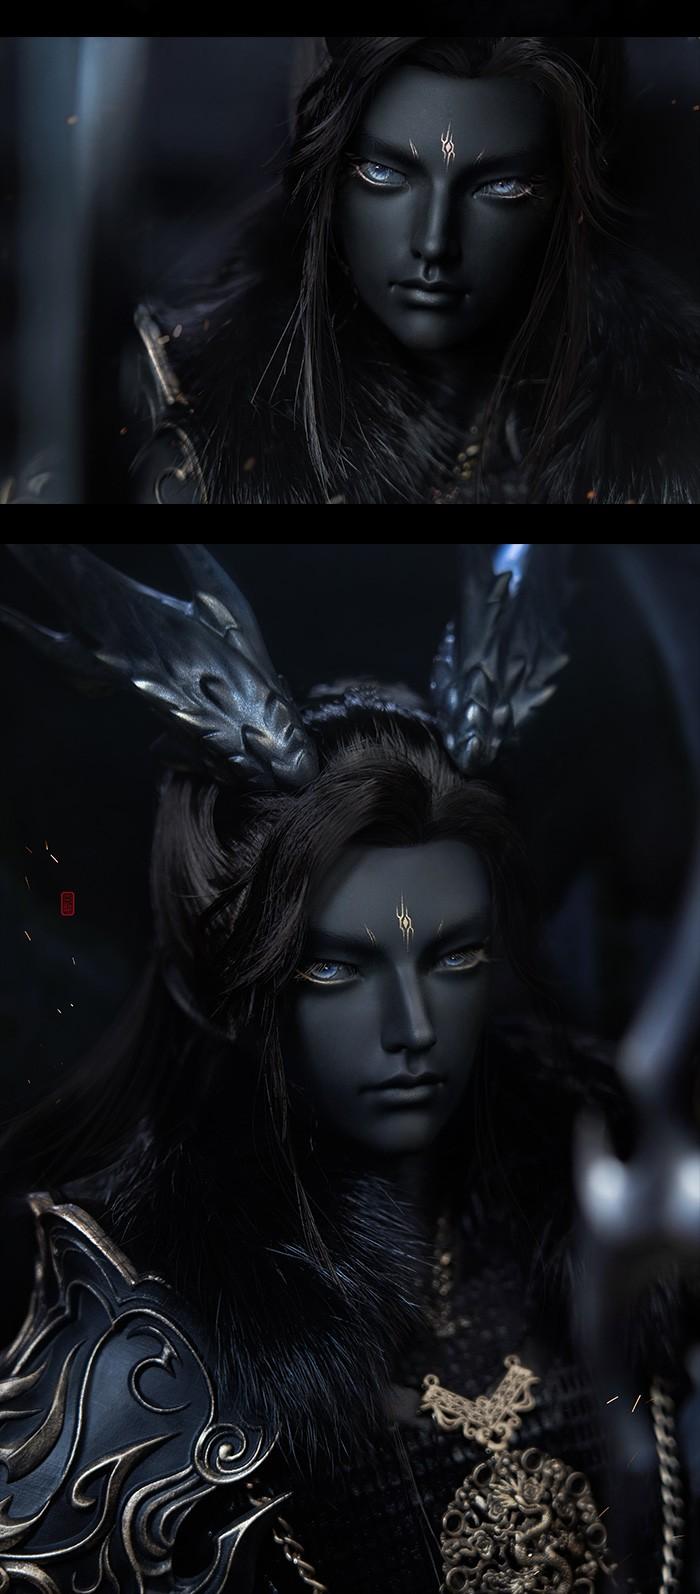 ls_emperorxuandragon_06.jpg